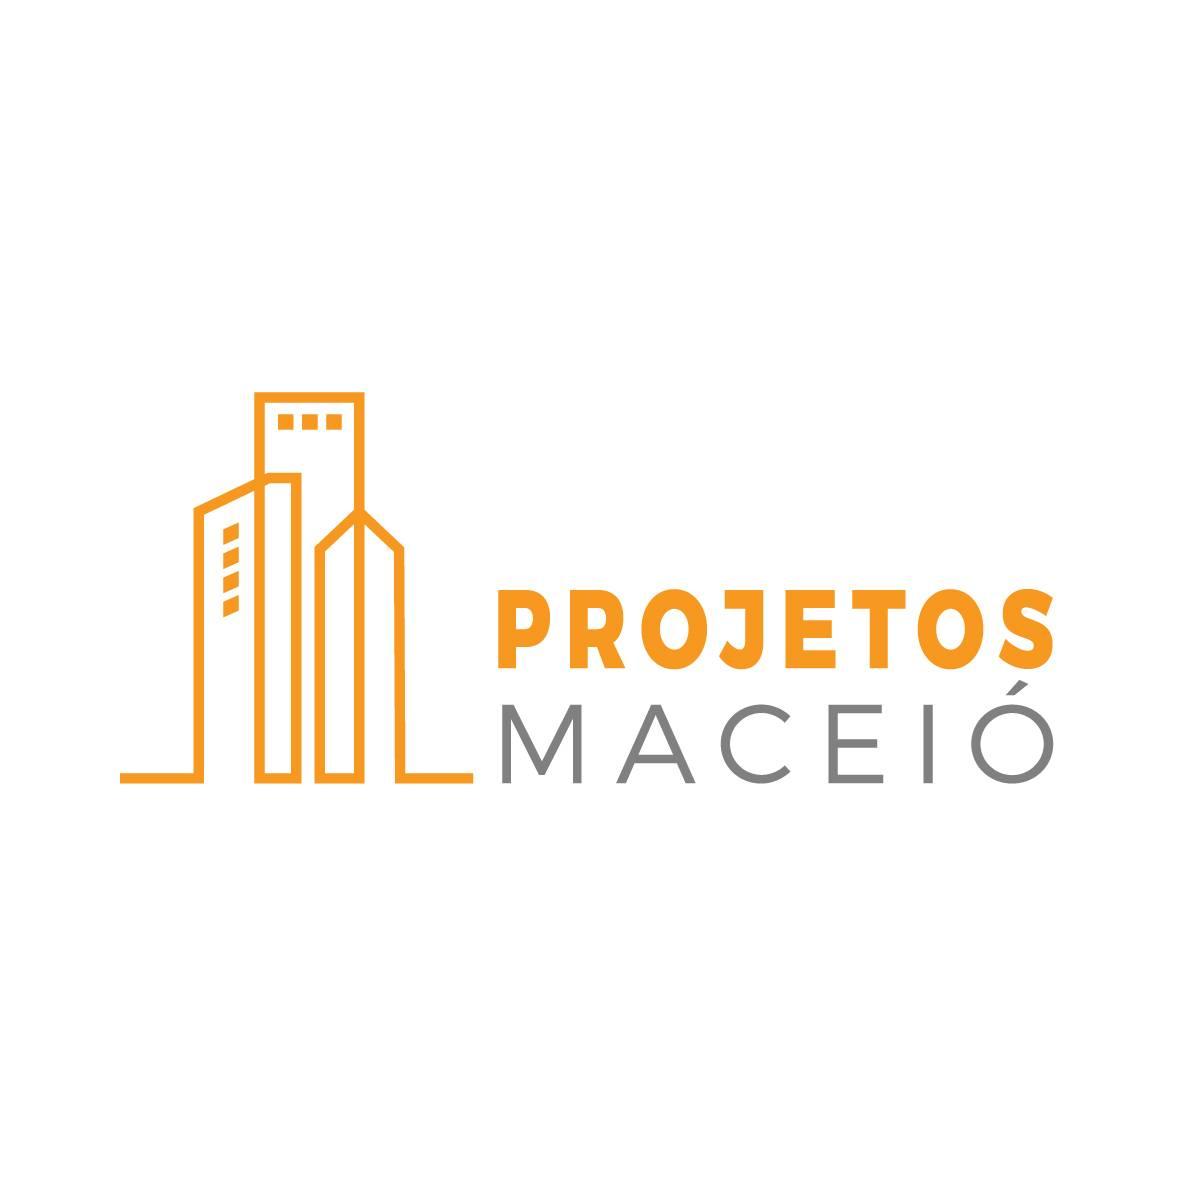 Projetos Maceió